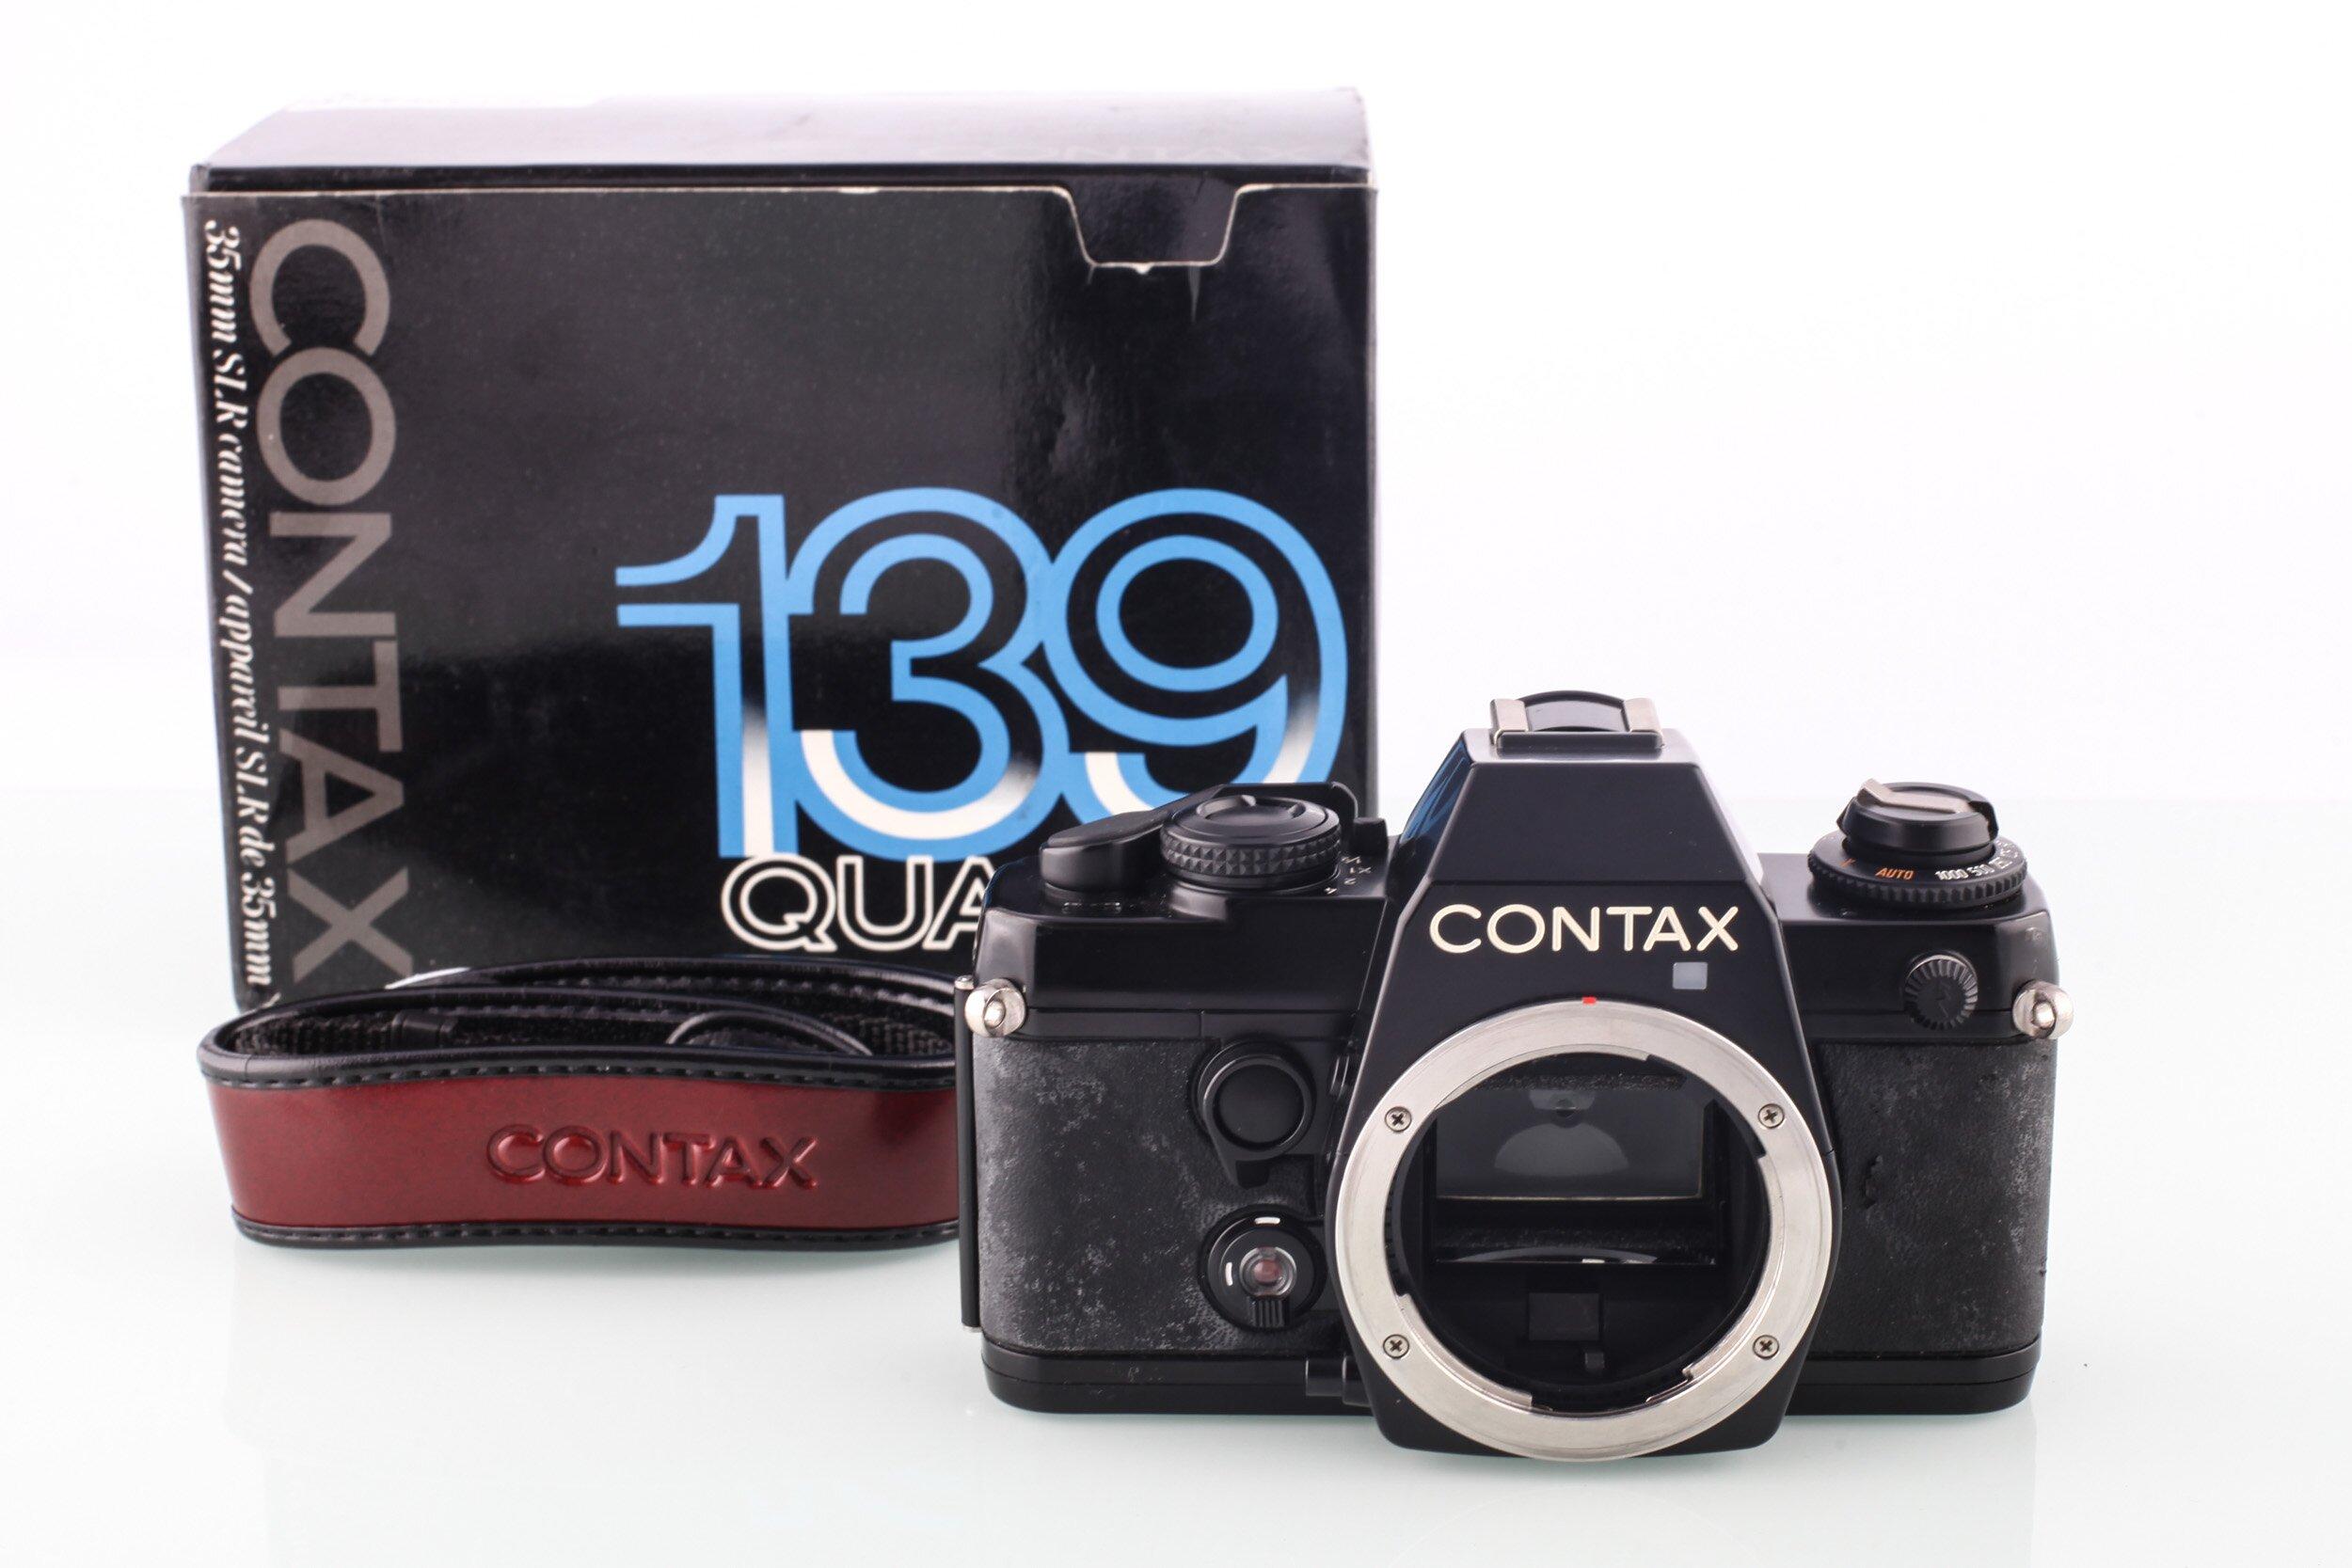 Contax 139 Quartz SLR gehäuse schwarz OVP